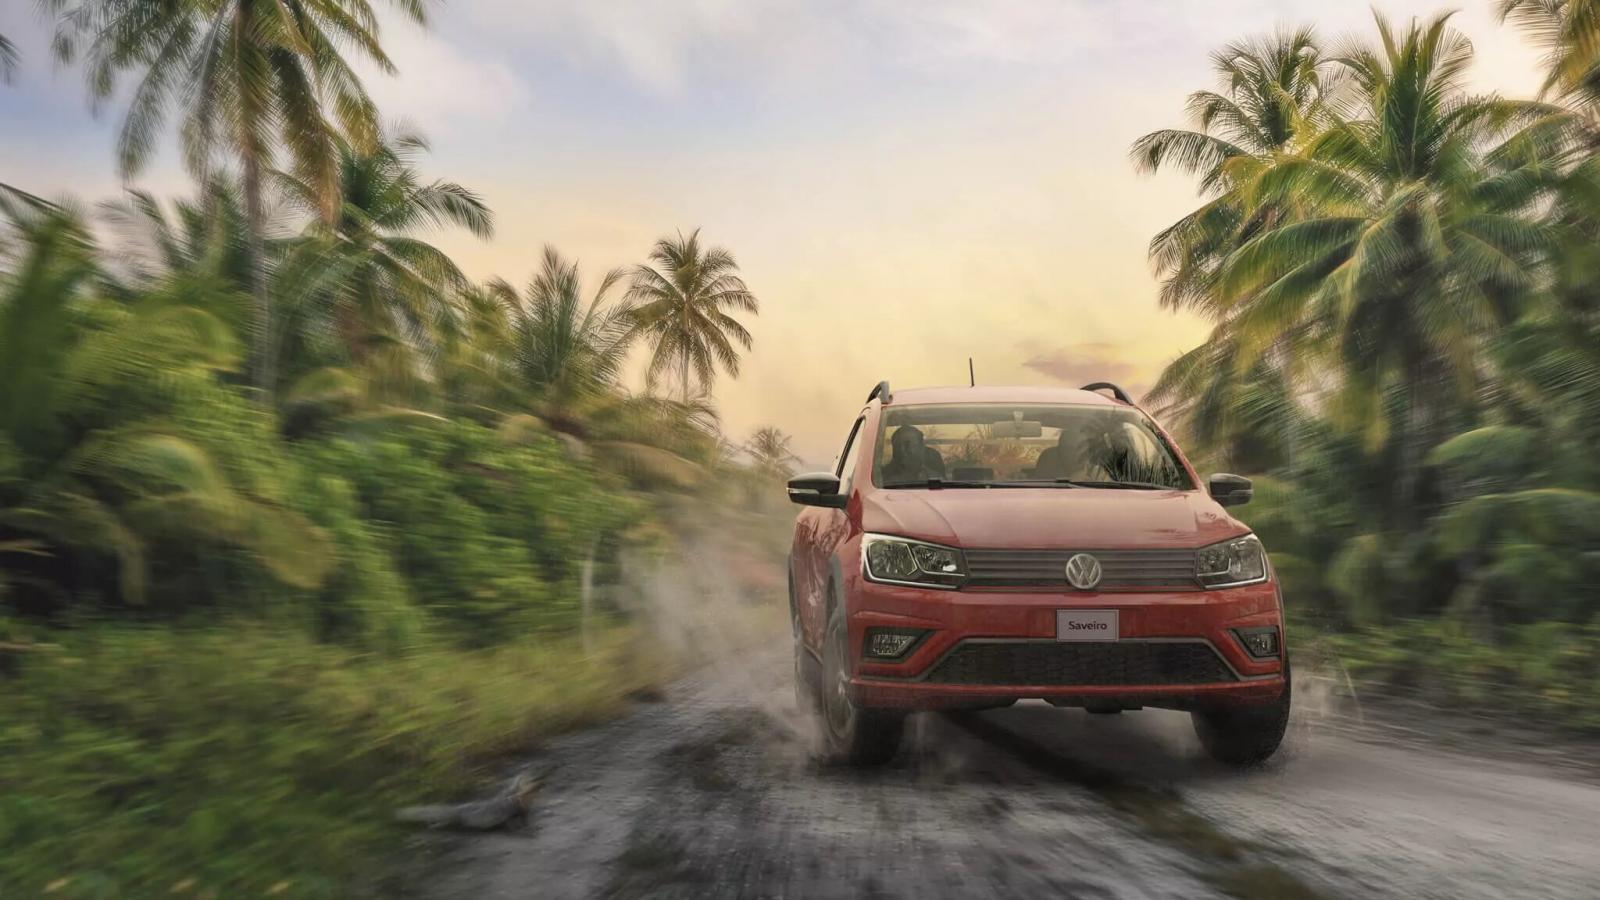 La Volkswagen Saveiro es una pick-up accesible y práctica para el trabajo pesado